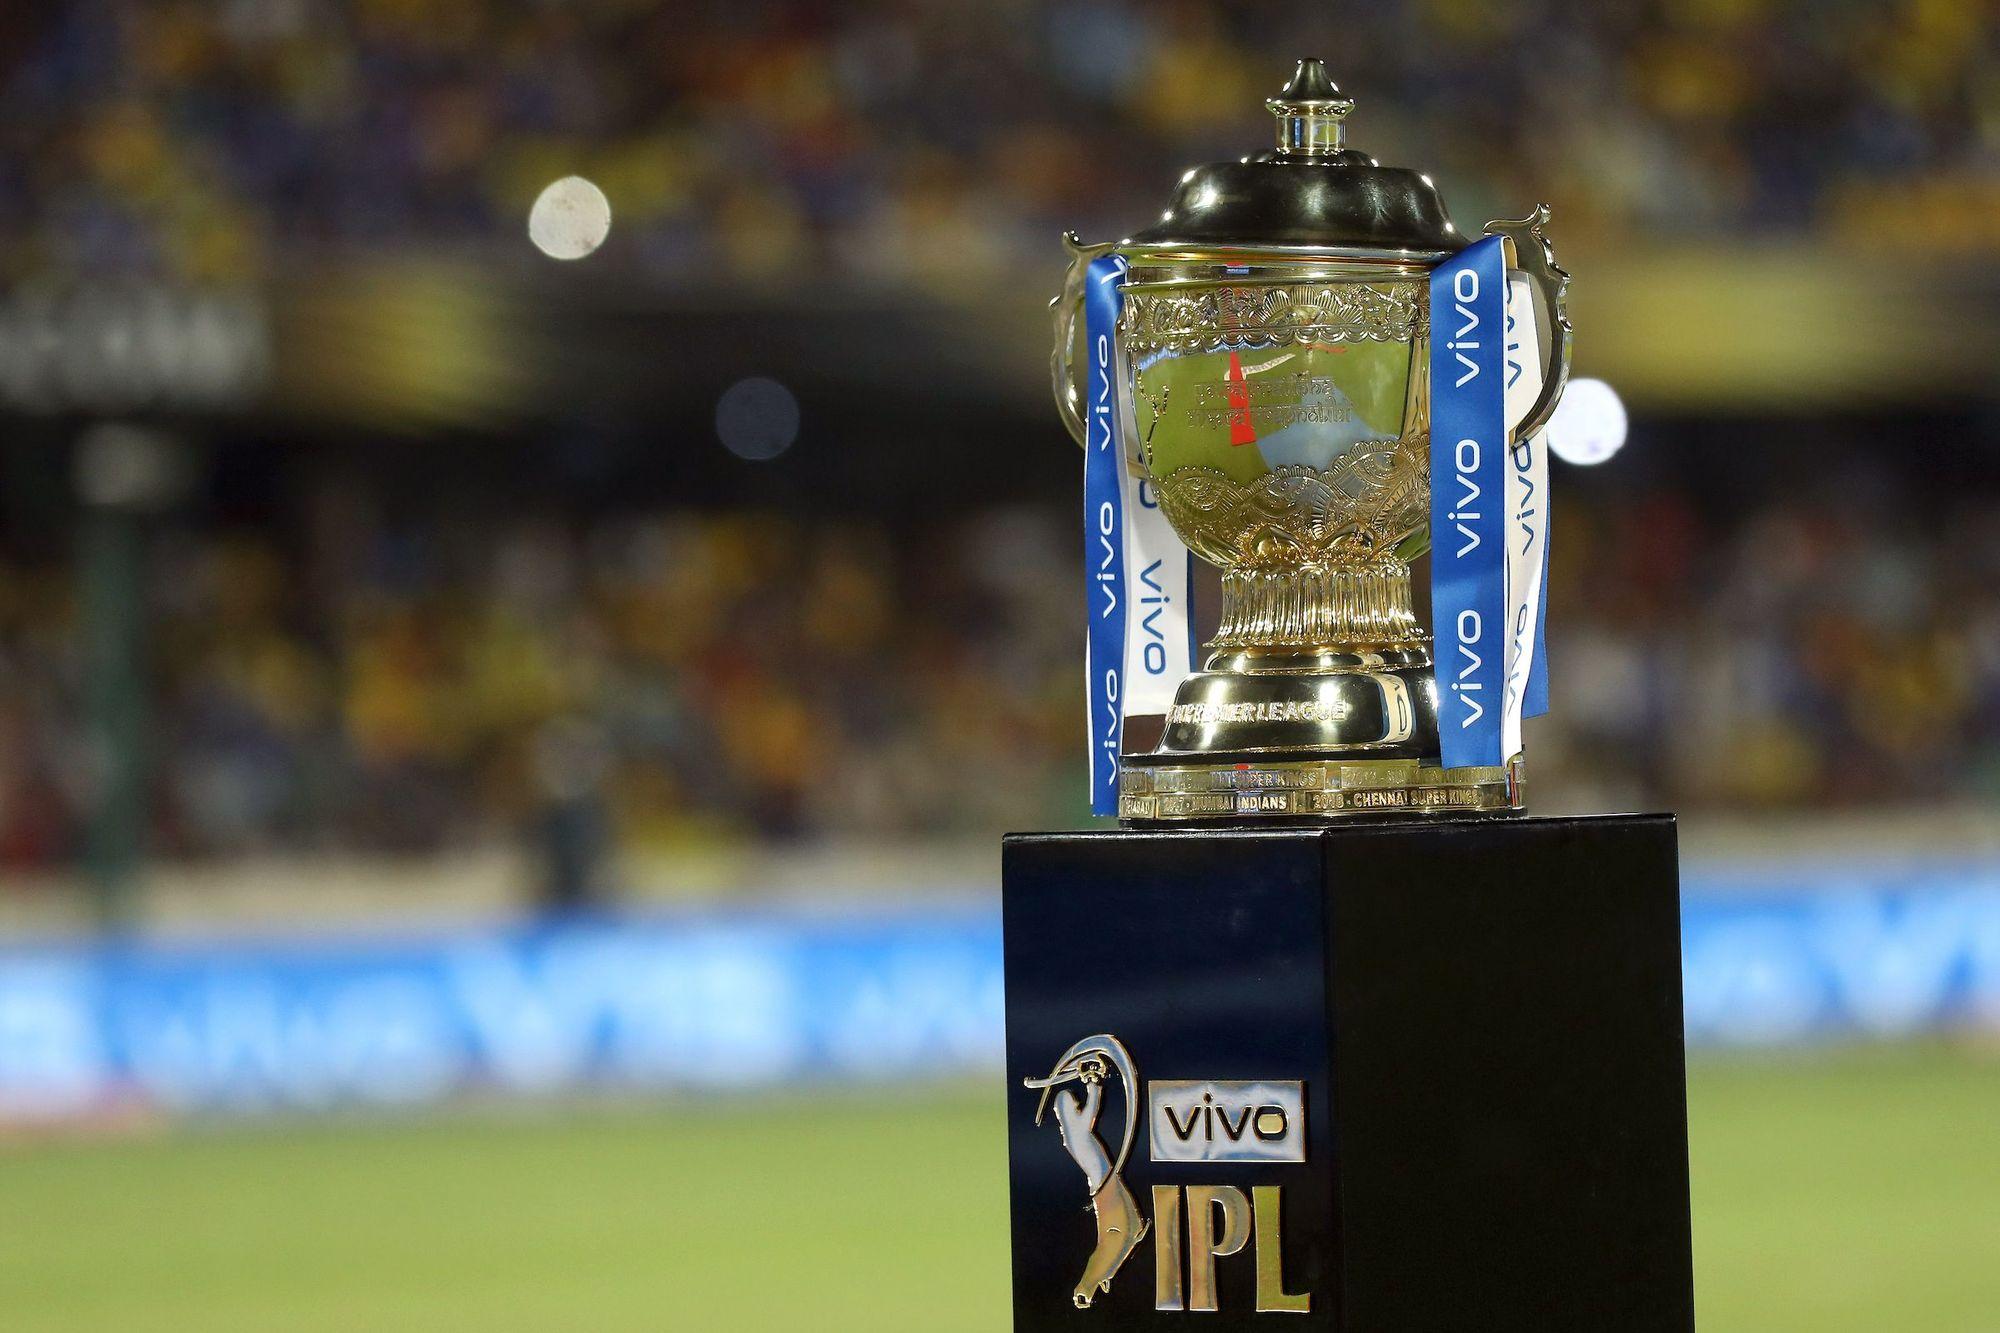 印度板球超级联赛部分球员和工作人员确诊新冠肺炎 比赛被无限期叫停